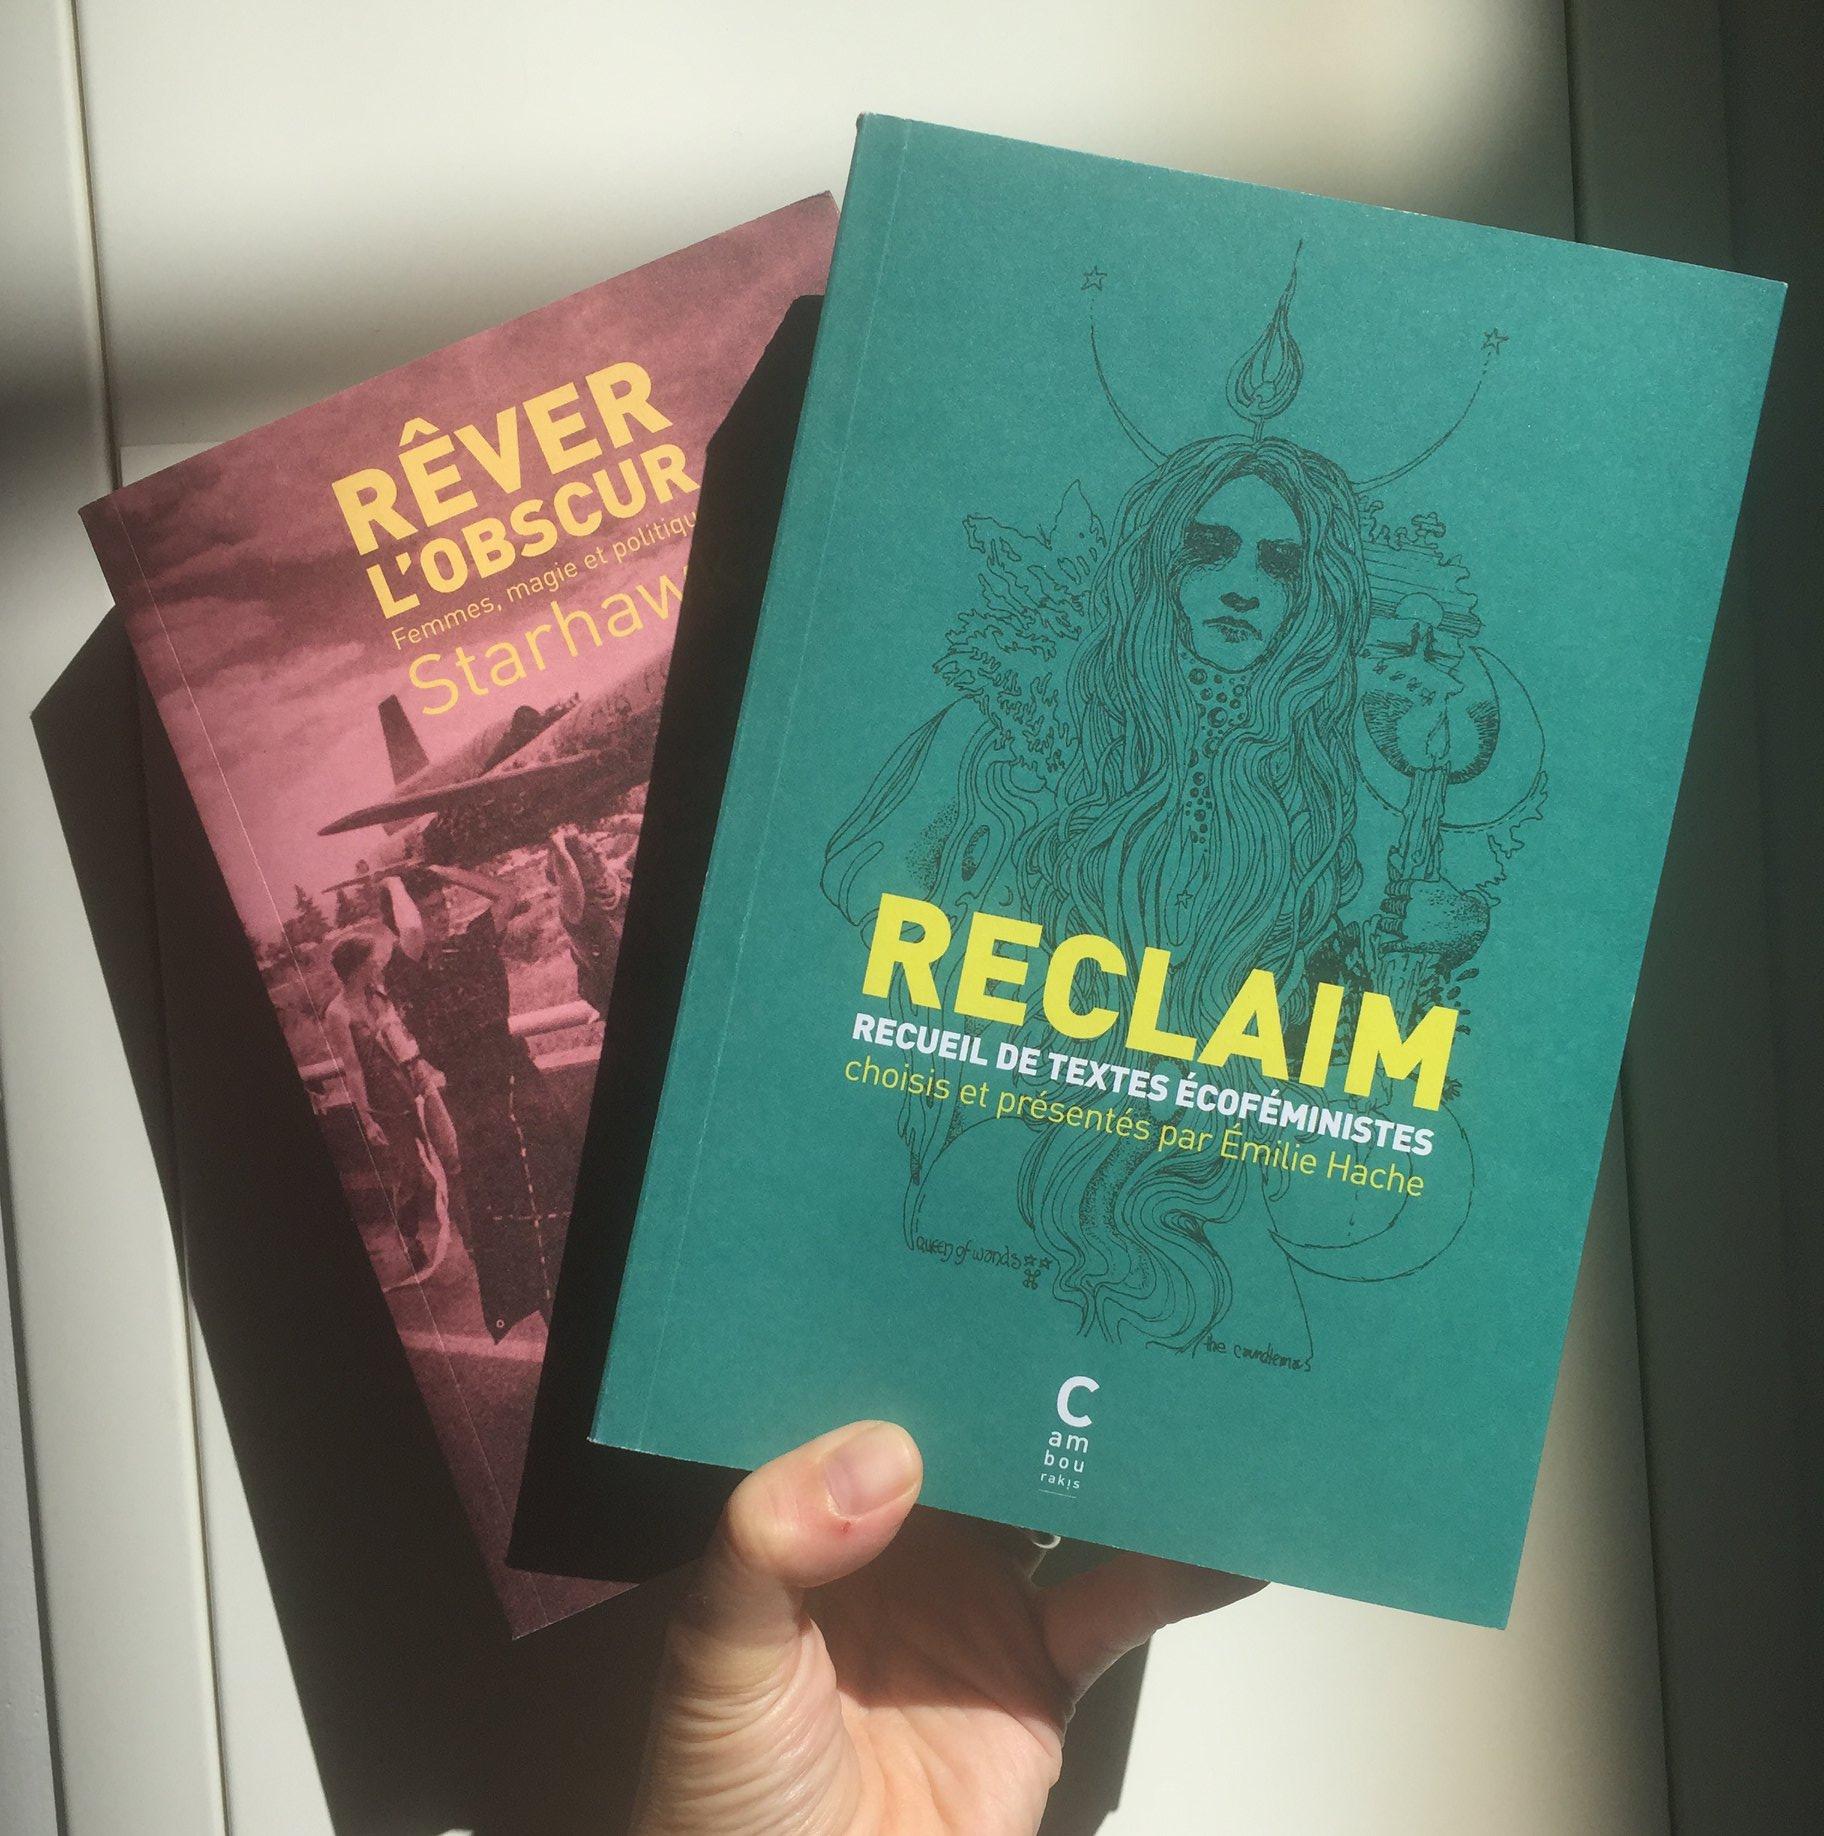 200419 - Reclaim Recueil de textes écoféministes choisis par Emilie Hache aux éditions Cambourakis - La Déviation (2)